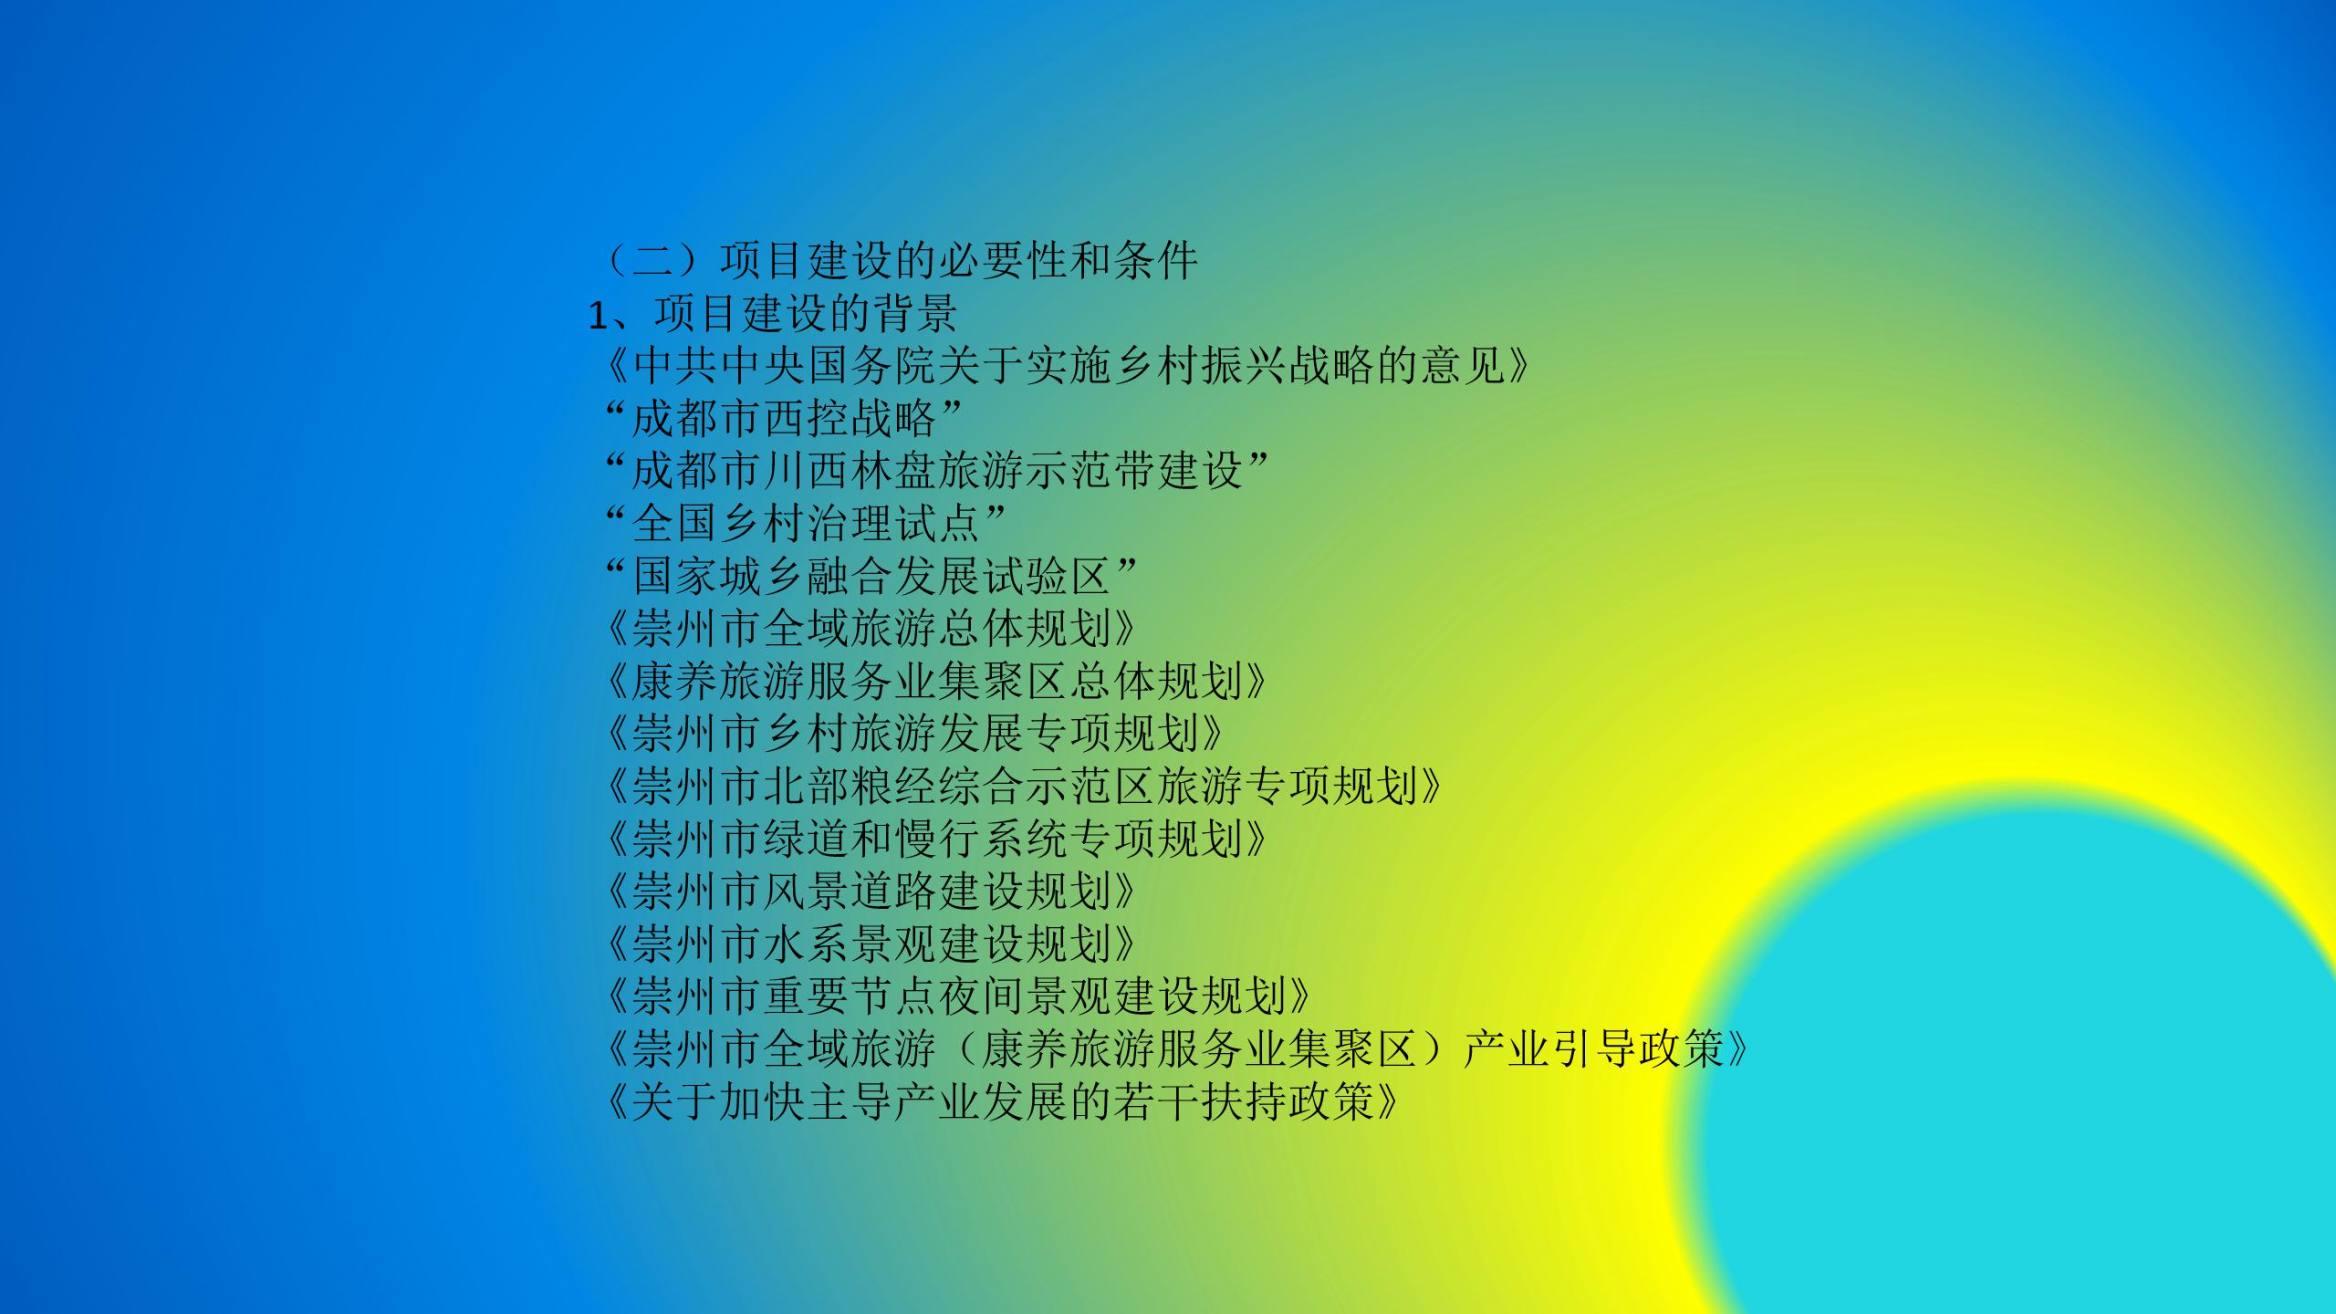 沈家船田园水乡智慧生态园 (15)